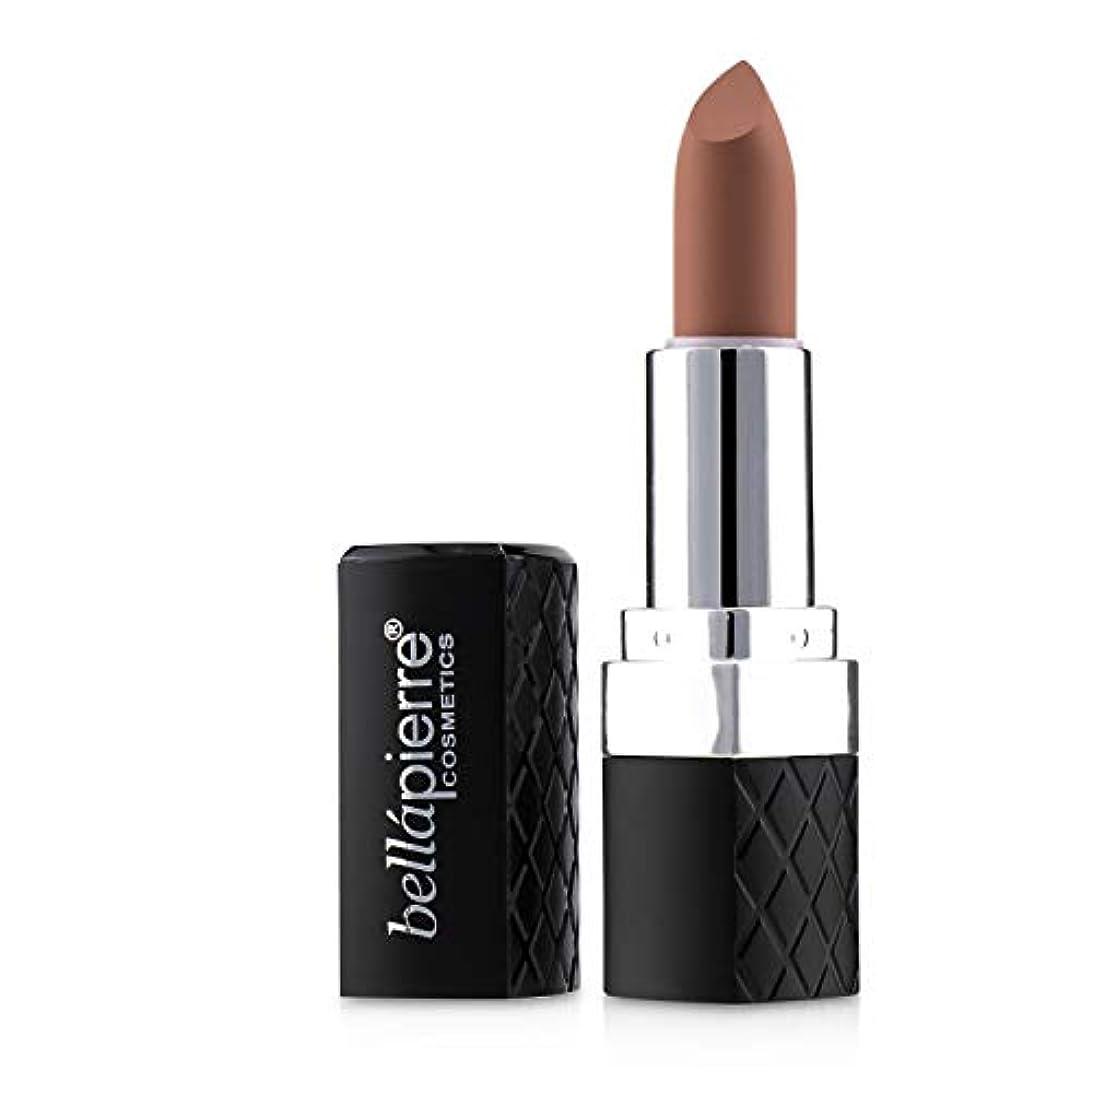 火山学者認める衛星Bellapierre Cosmetics Matte Lipstick - # Incognito (Caramel Nude) 3.5g/0.123oz並行輸入品